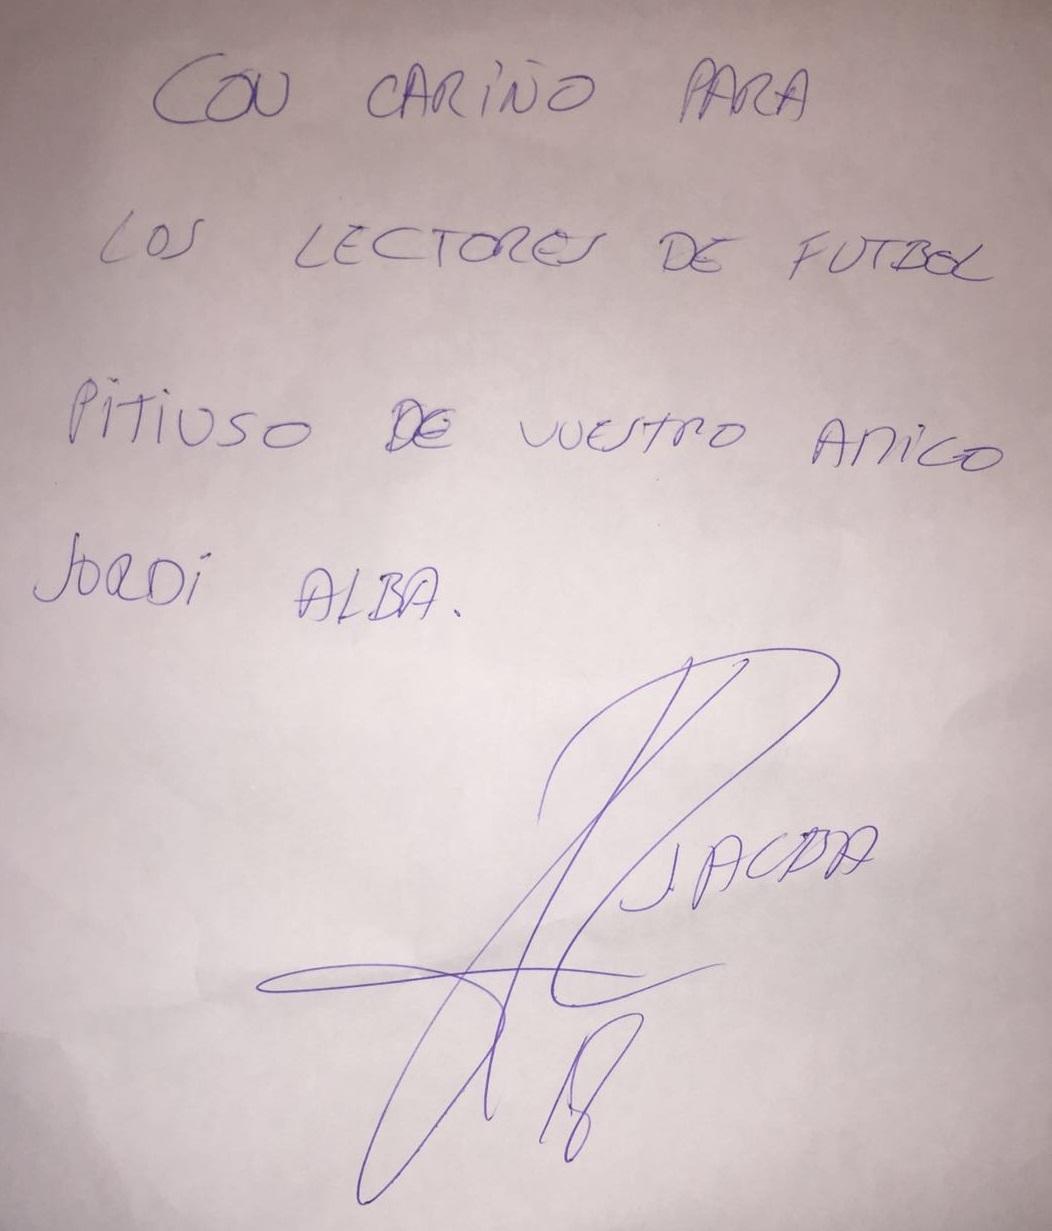 Saludo del jugador del Barça a los lectores de Fútbol Pitiuso.